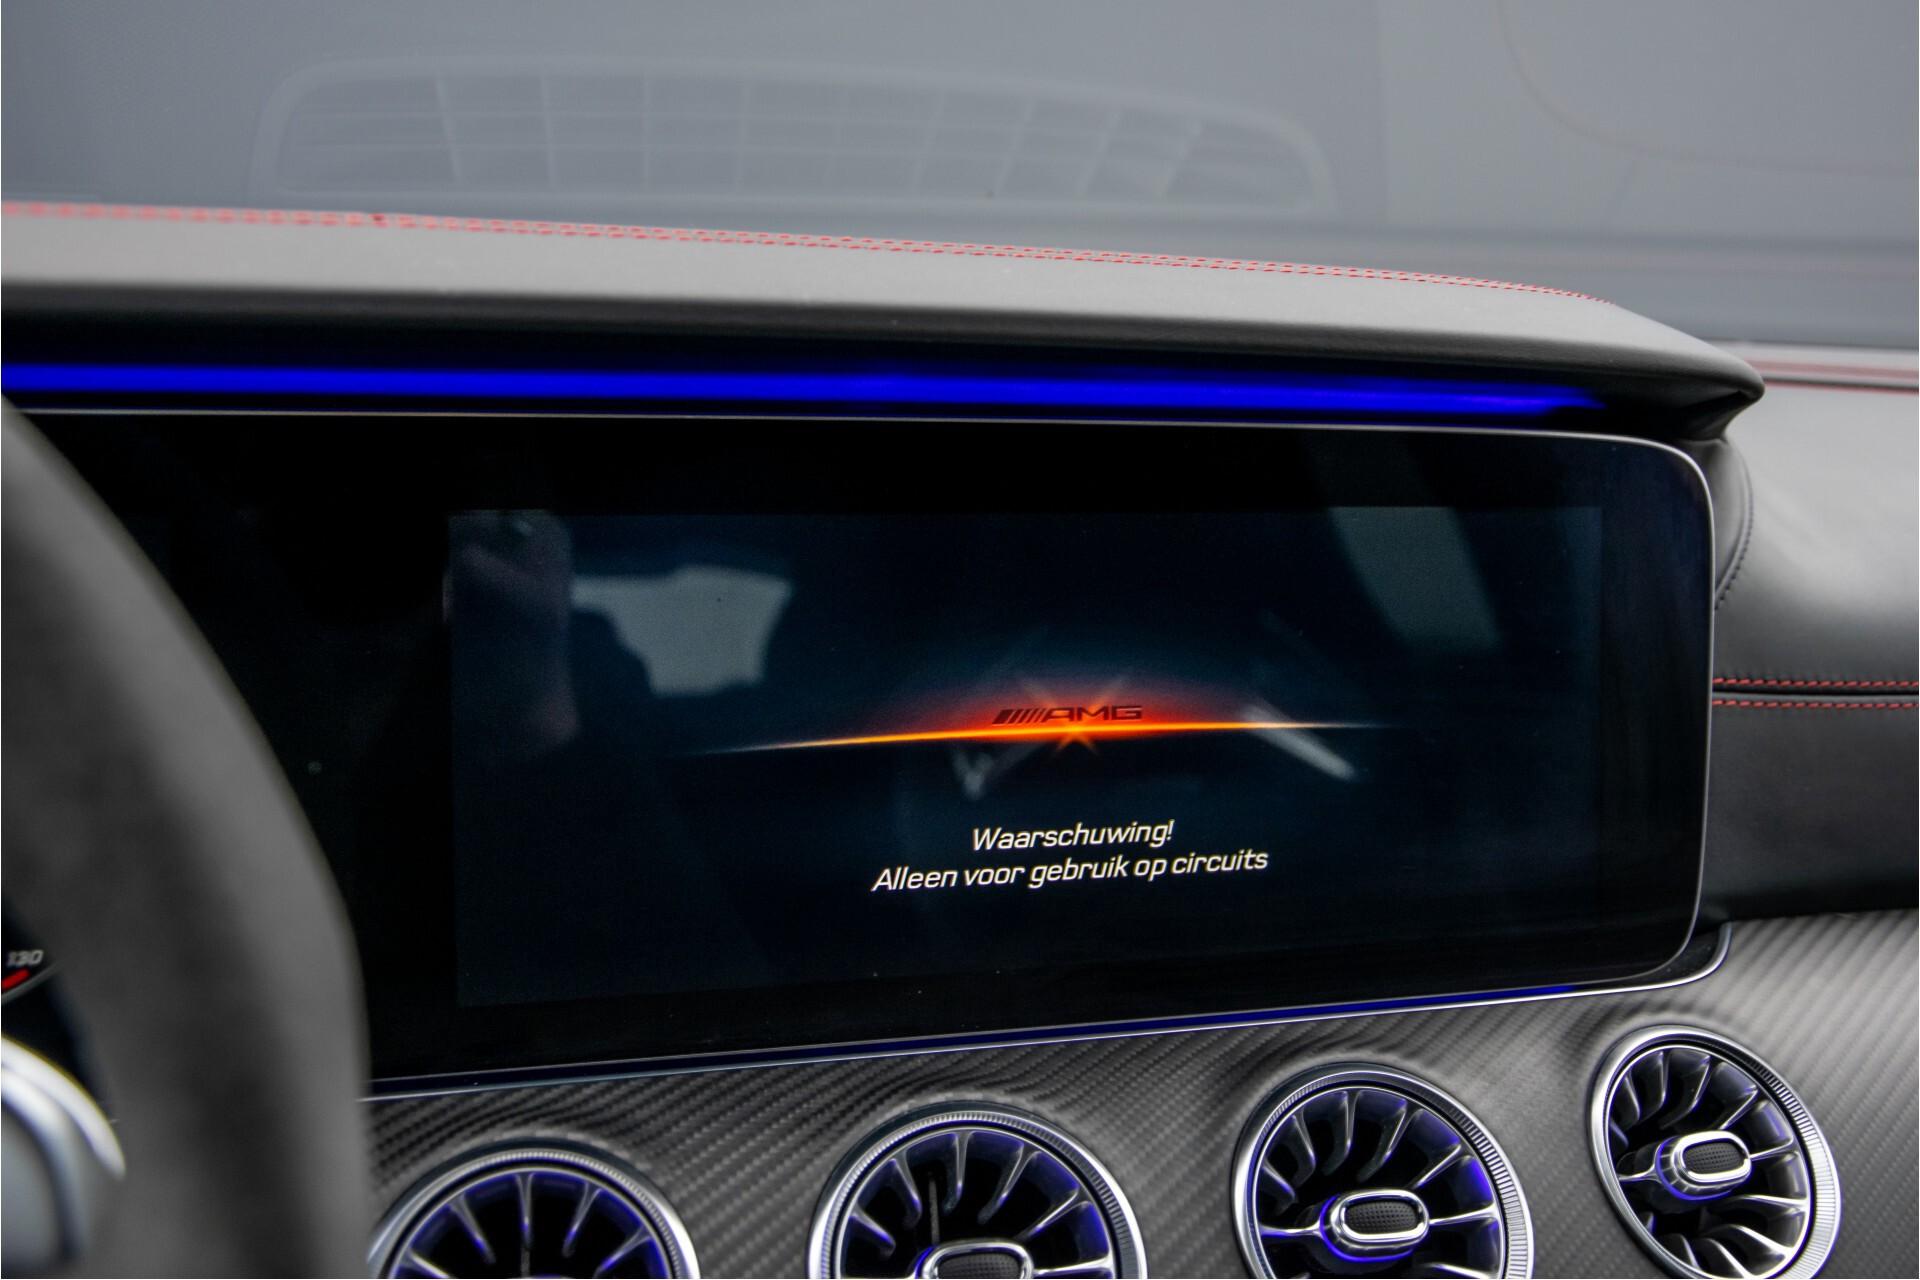 Mercedes-Benz AMG GT 4-Door Coupe 63 S 4M+ Keramisch/Full Carbon/Aerodynamica/Burmester 3D/TV/Performance stoelen/Standkachel Aut9 Foto 31